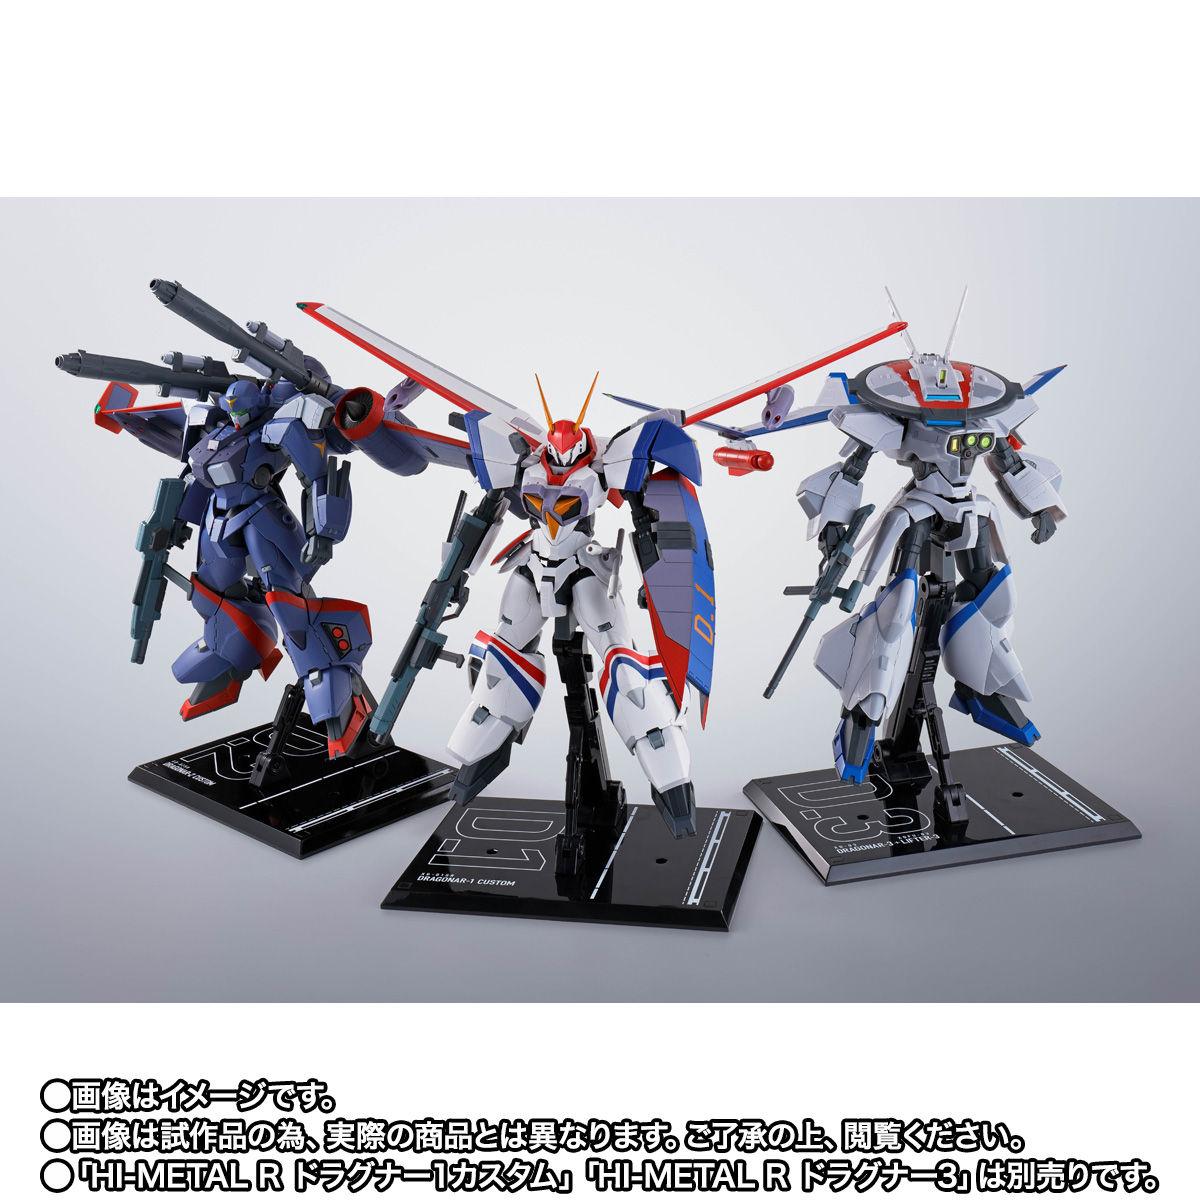 【限定販売】HI-METAL R『ドラグナー2カスタム』機甲戦記ドラグナー 可動フィギュア-009